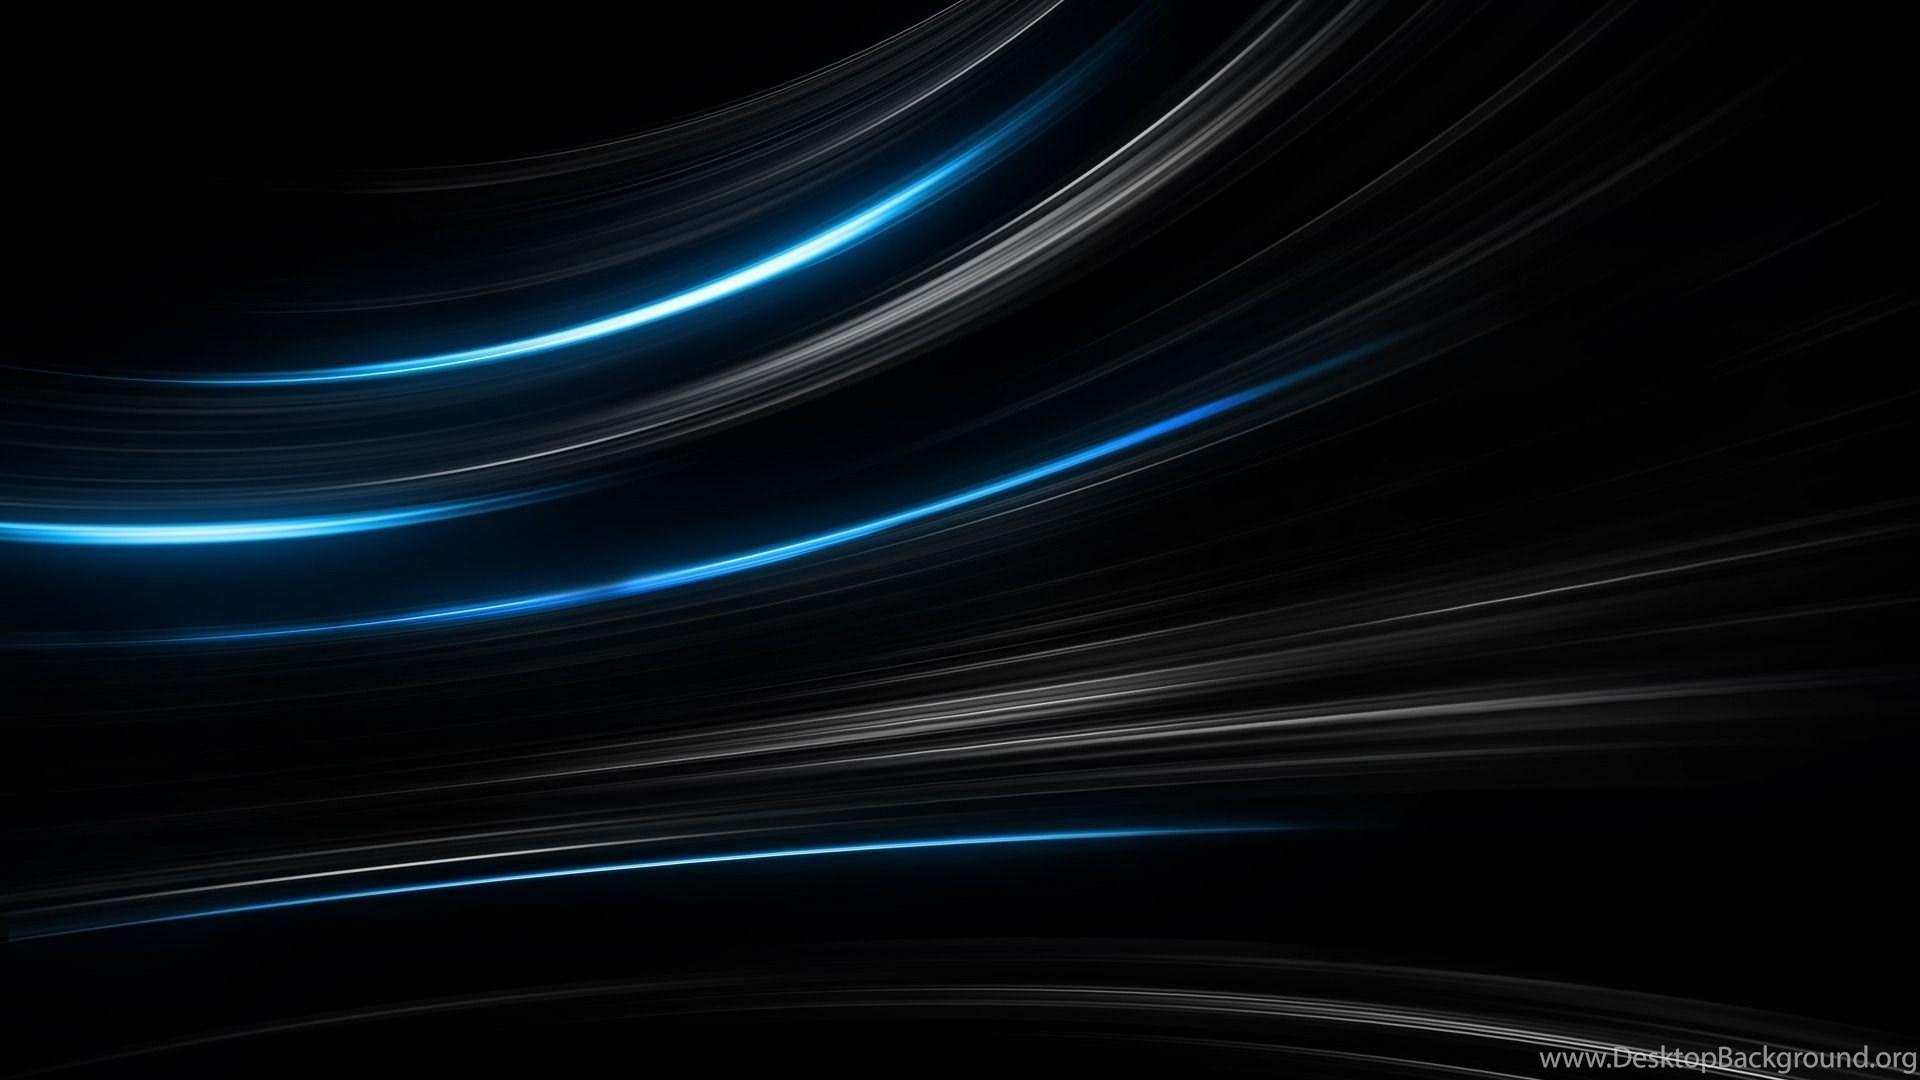 Windows 7 Dark Blue Wallpapers Dv66 Pretty Wallpapers Hd Desktop